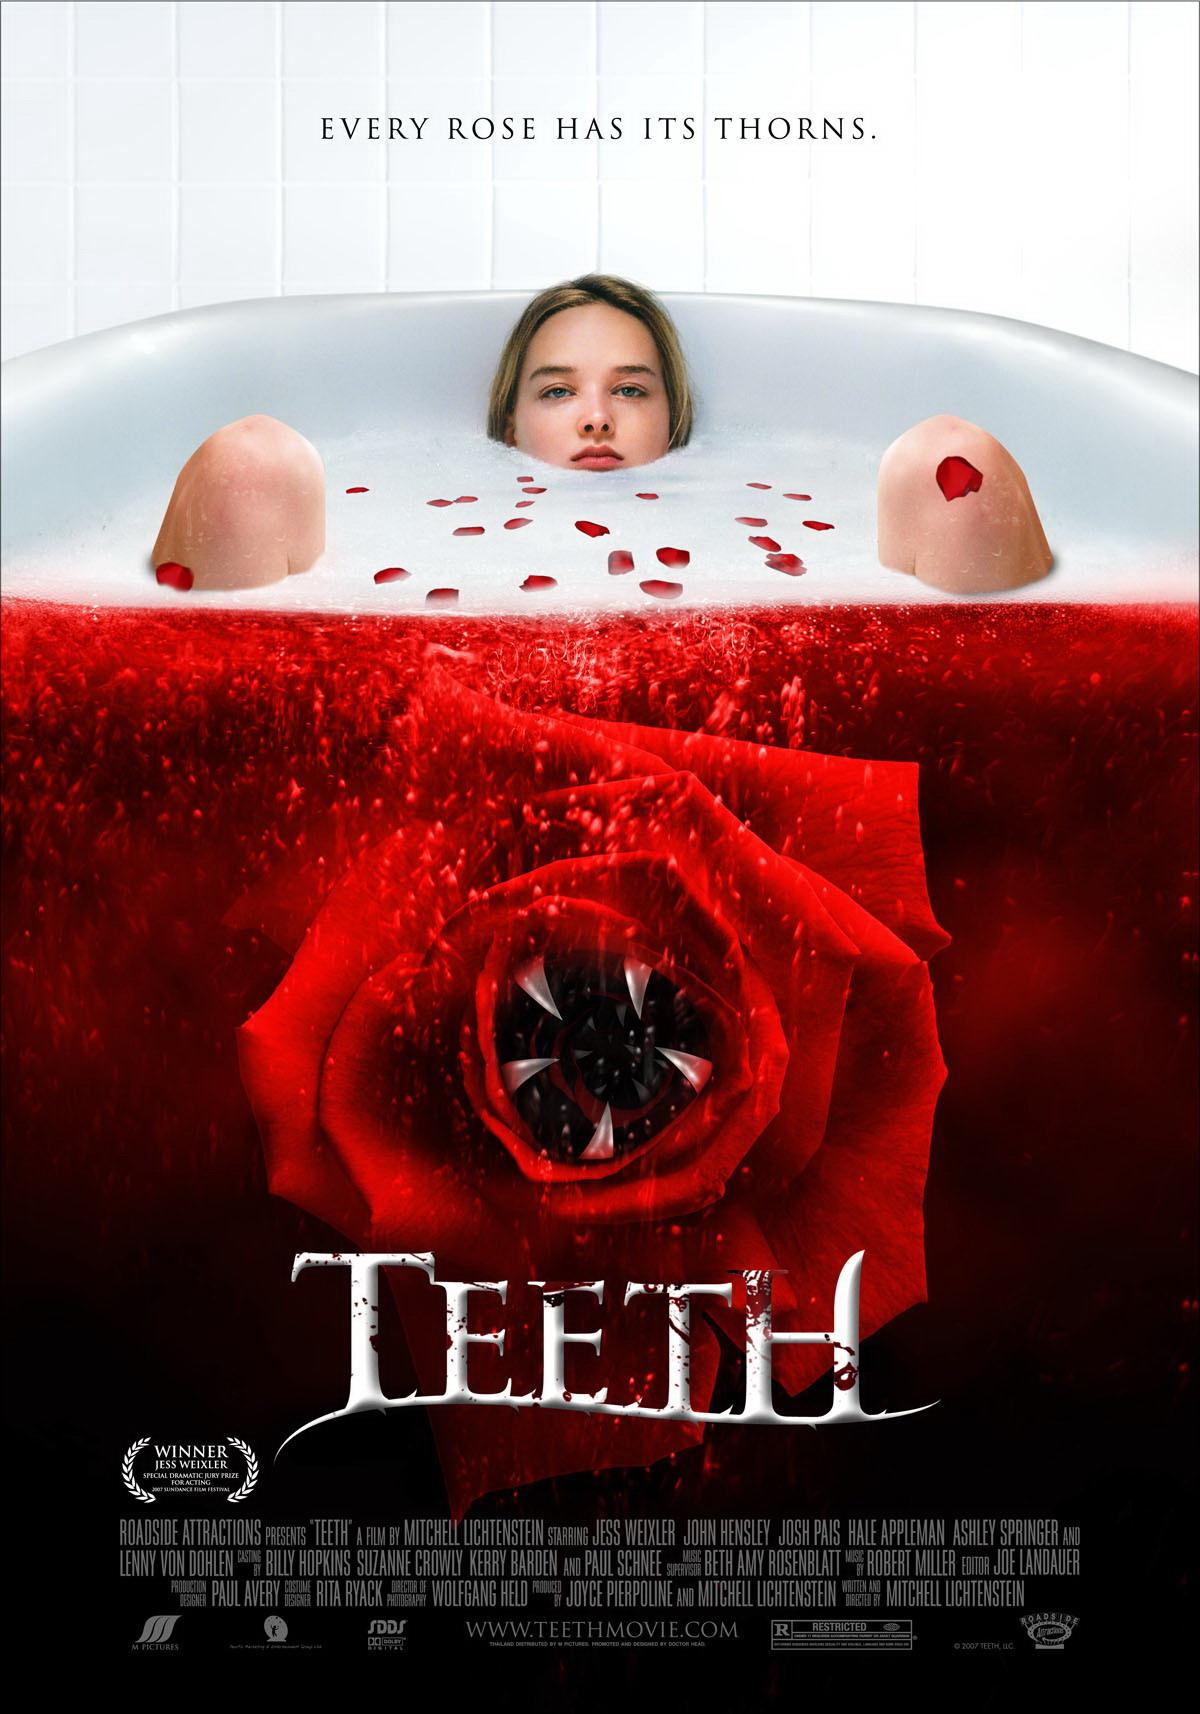 8846 - Teeth (2007) Khi Chỗ Ấy Mọc Răng